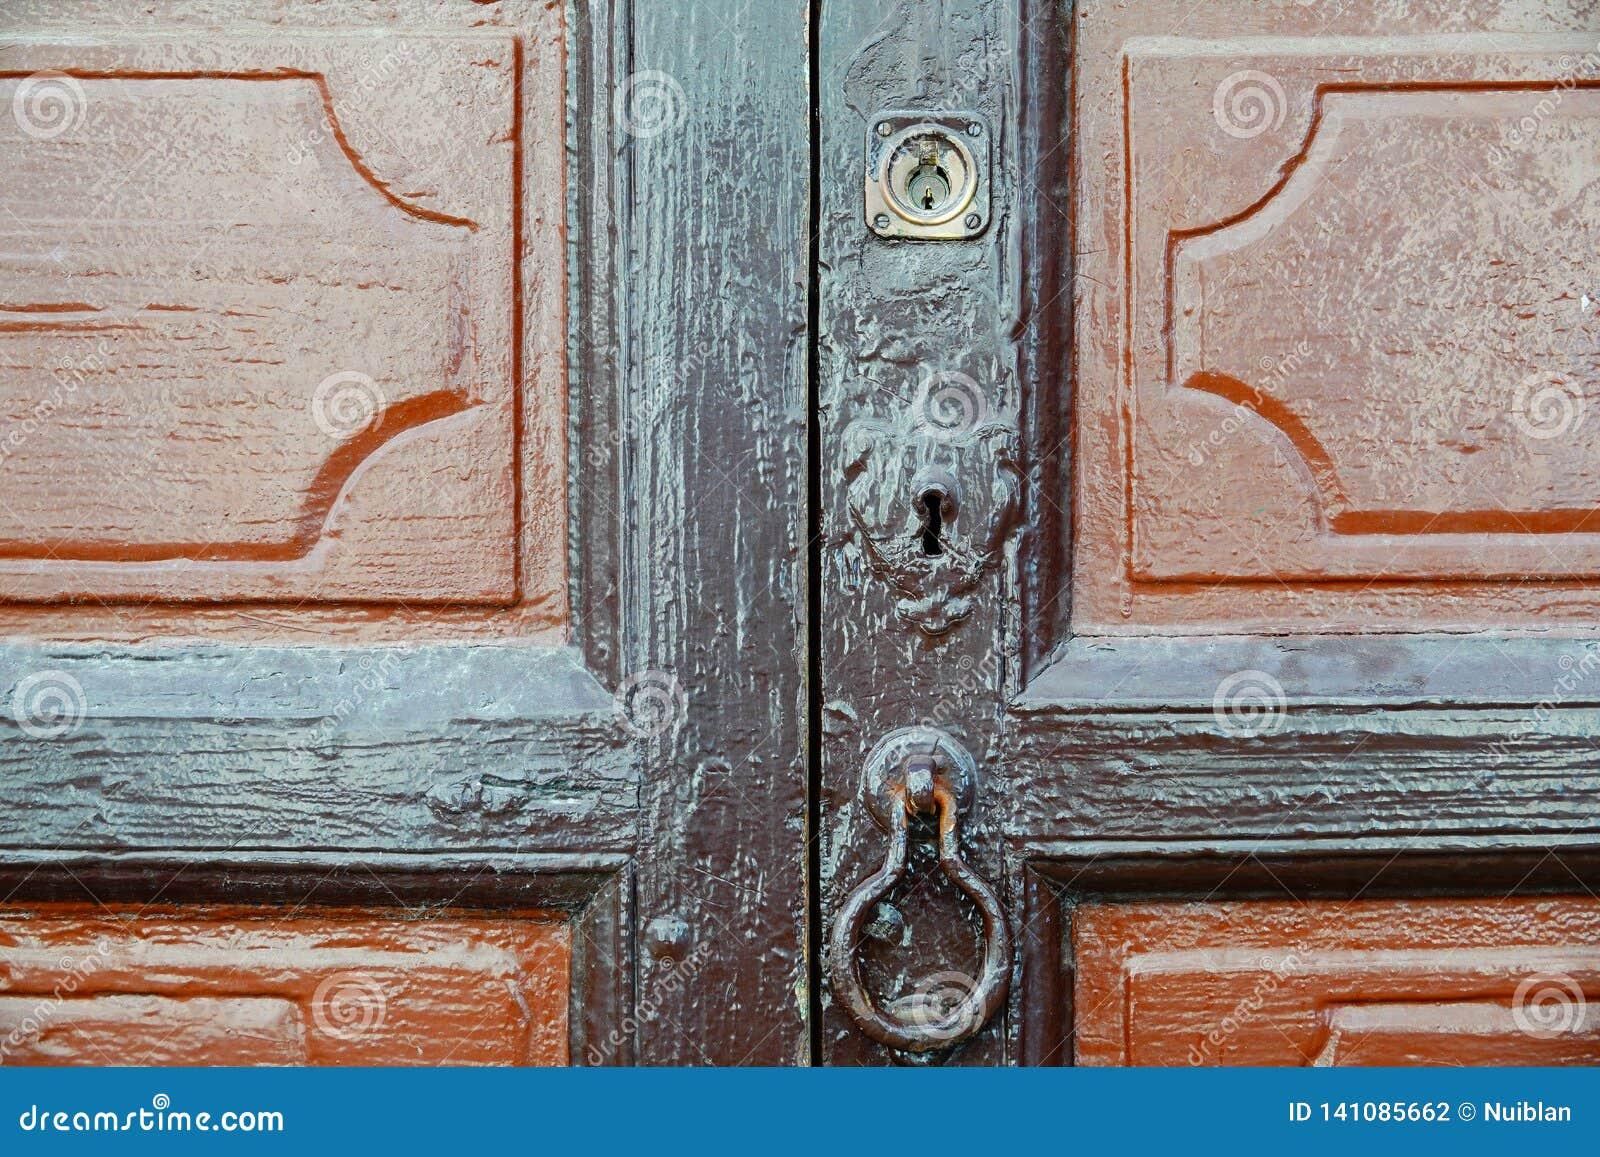 Houten deur met slot en kloppers